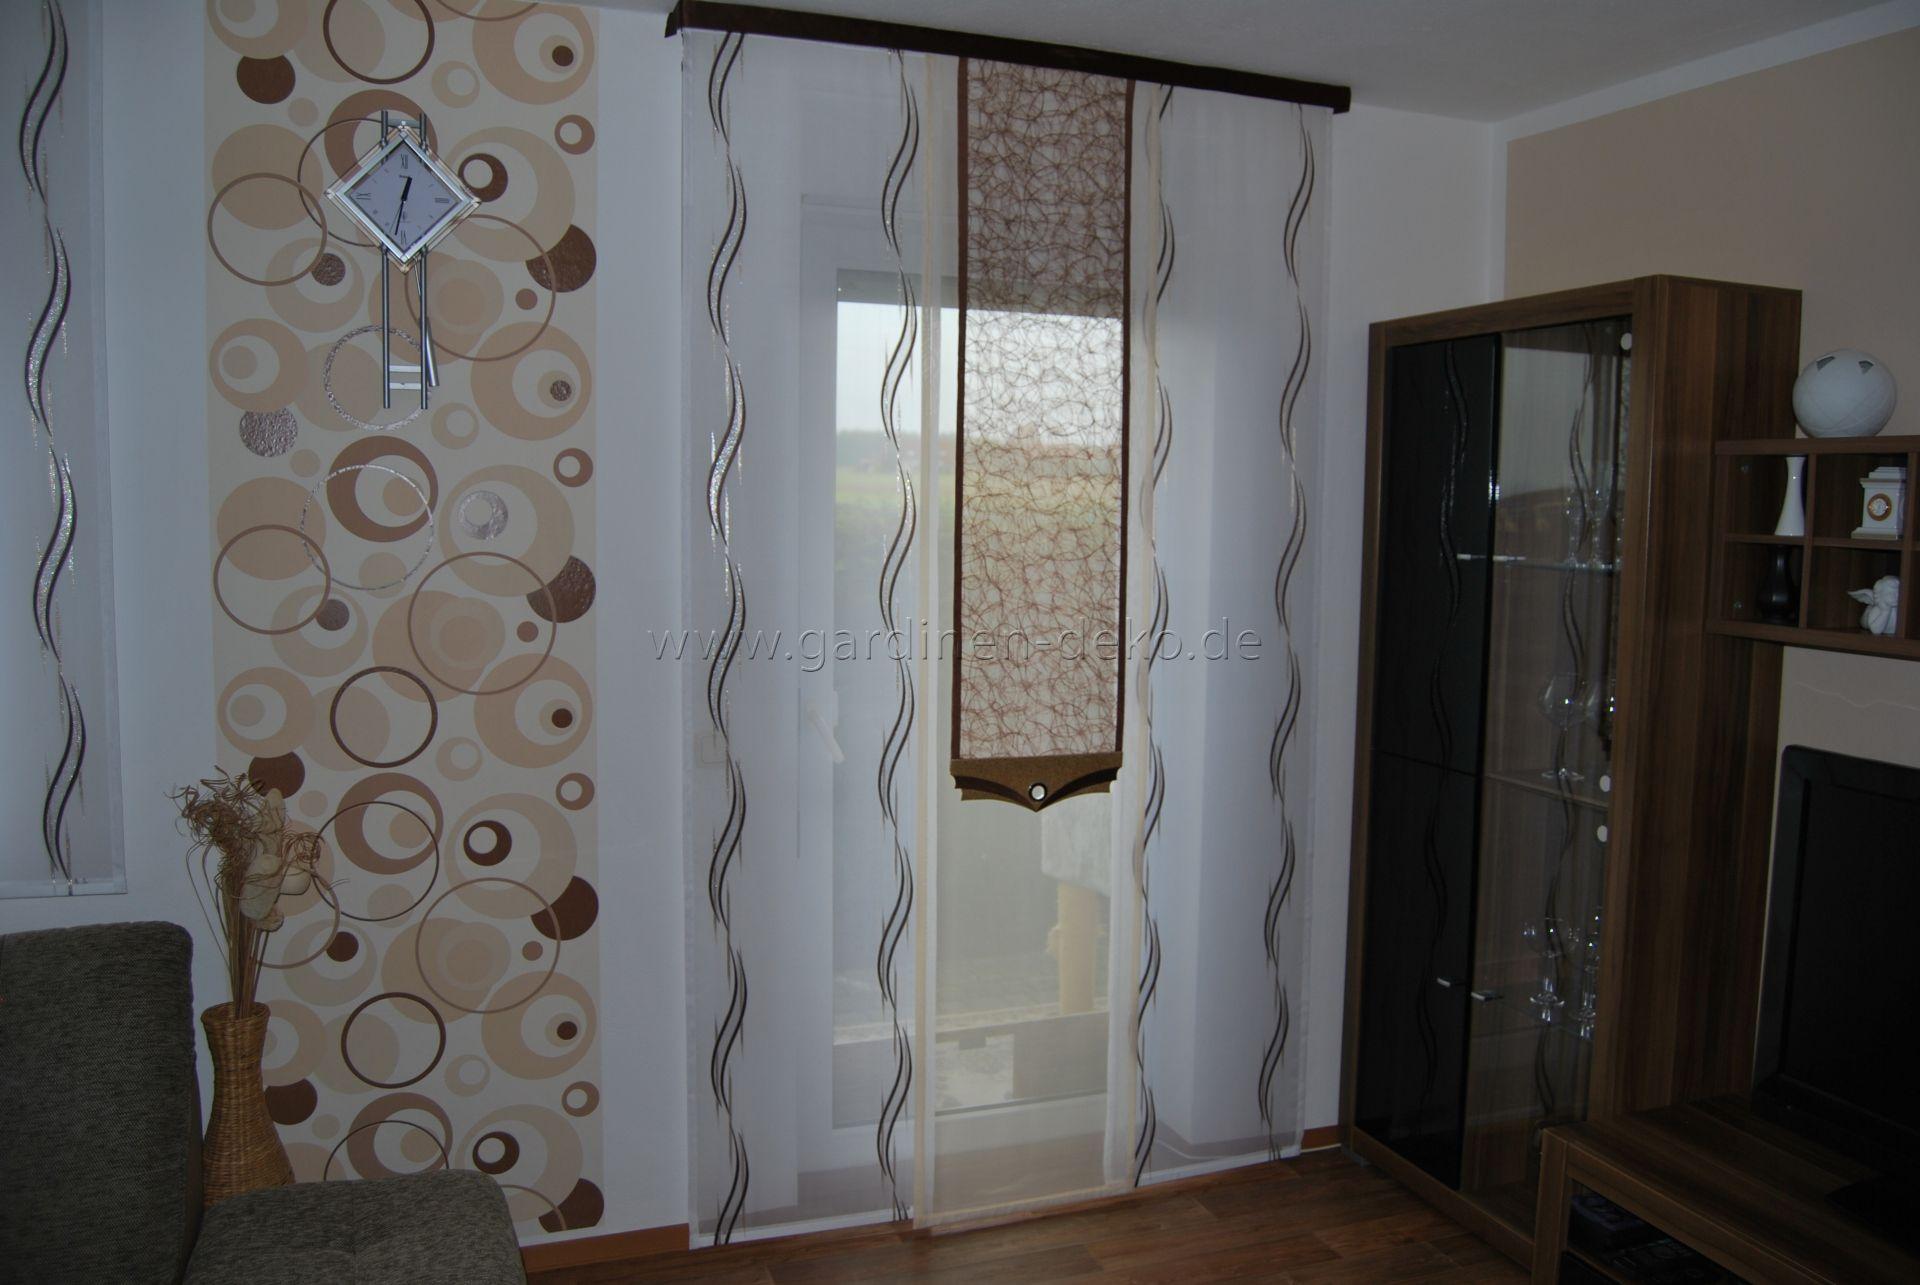 Wohnzimmer schiebevorhang in wei braun mit mittigem netz - Wohnzimmer in weiss braun ...